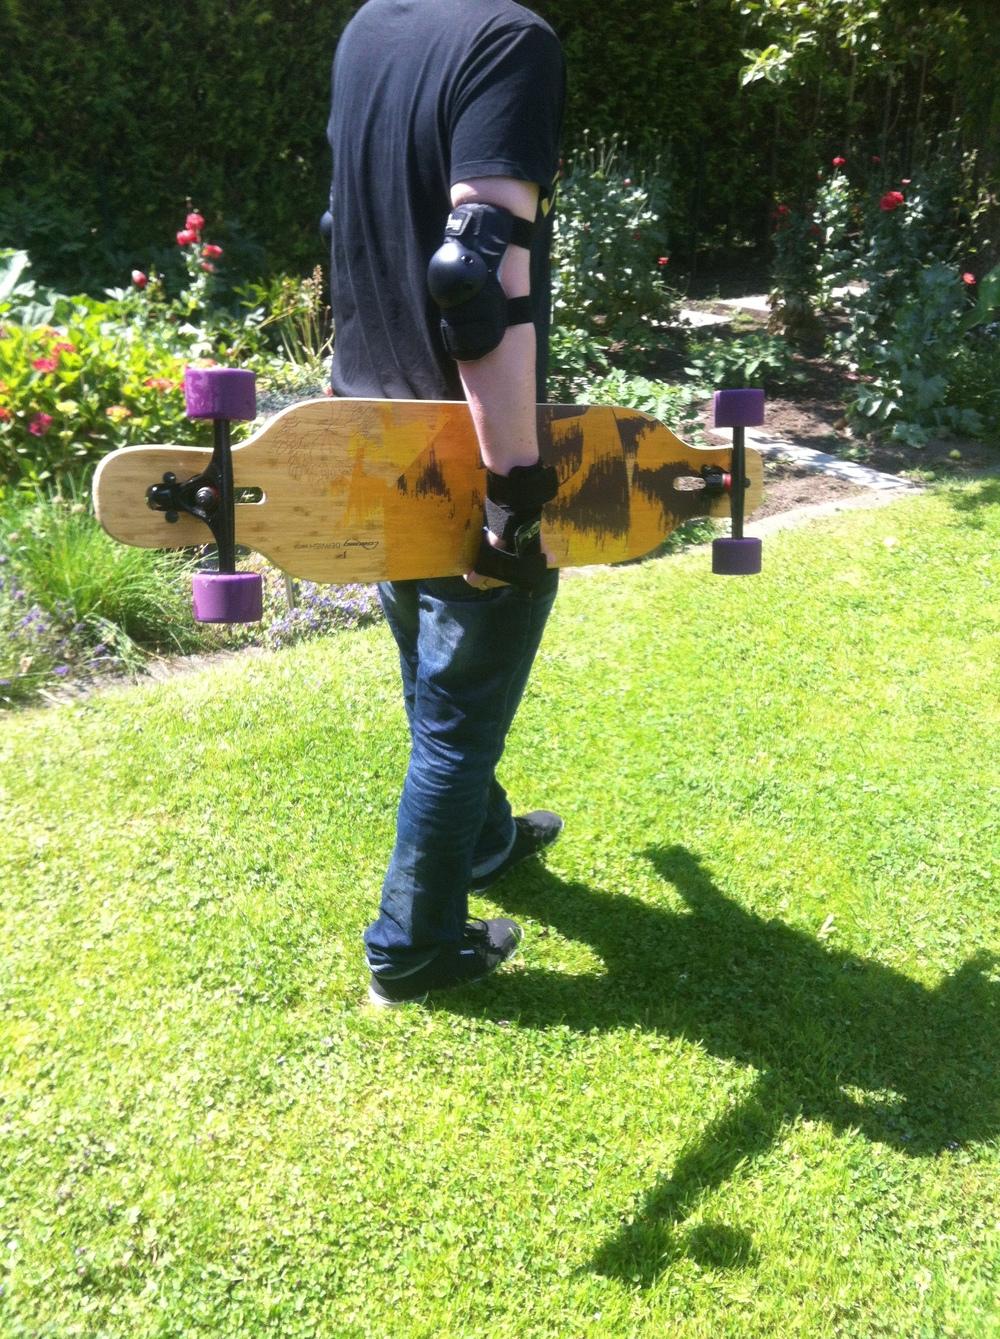 Schutzaufrüstung für Longboarder